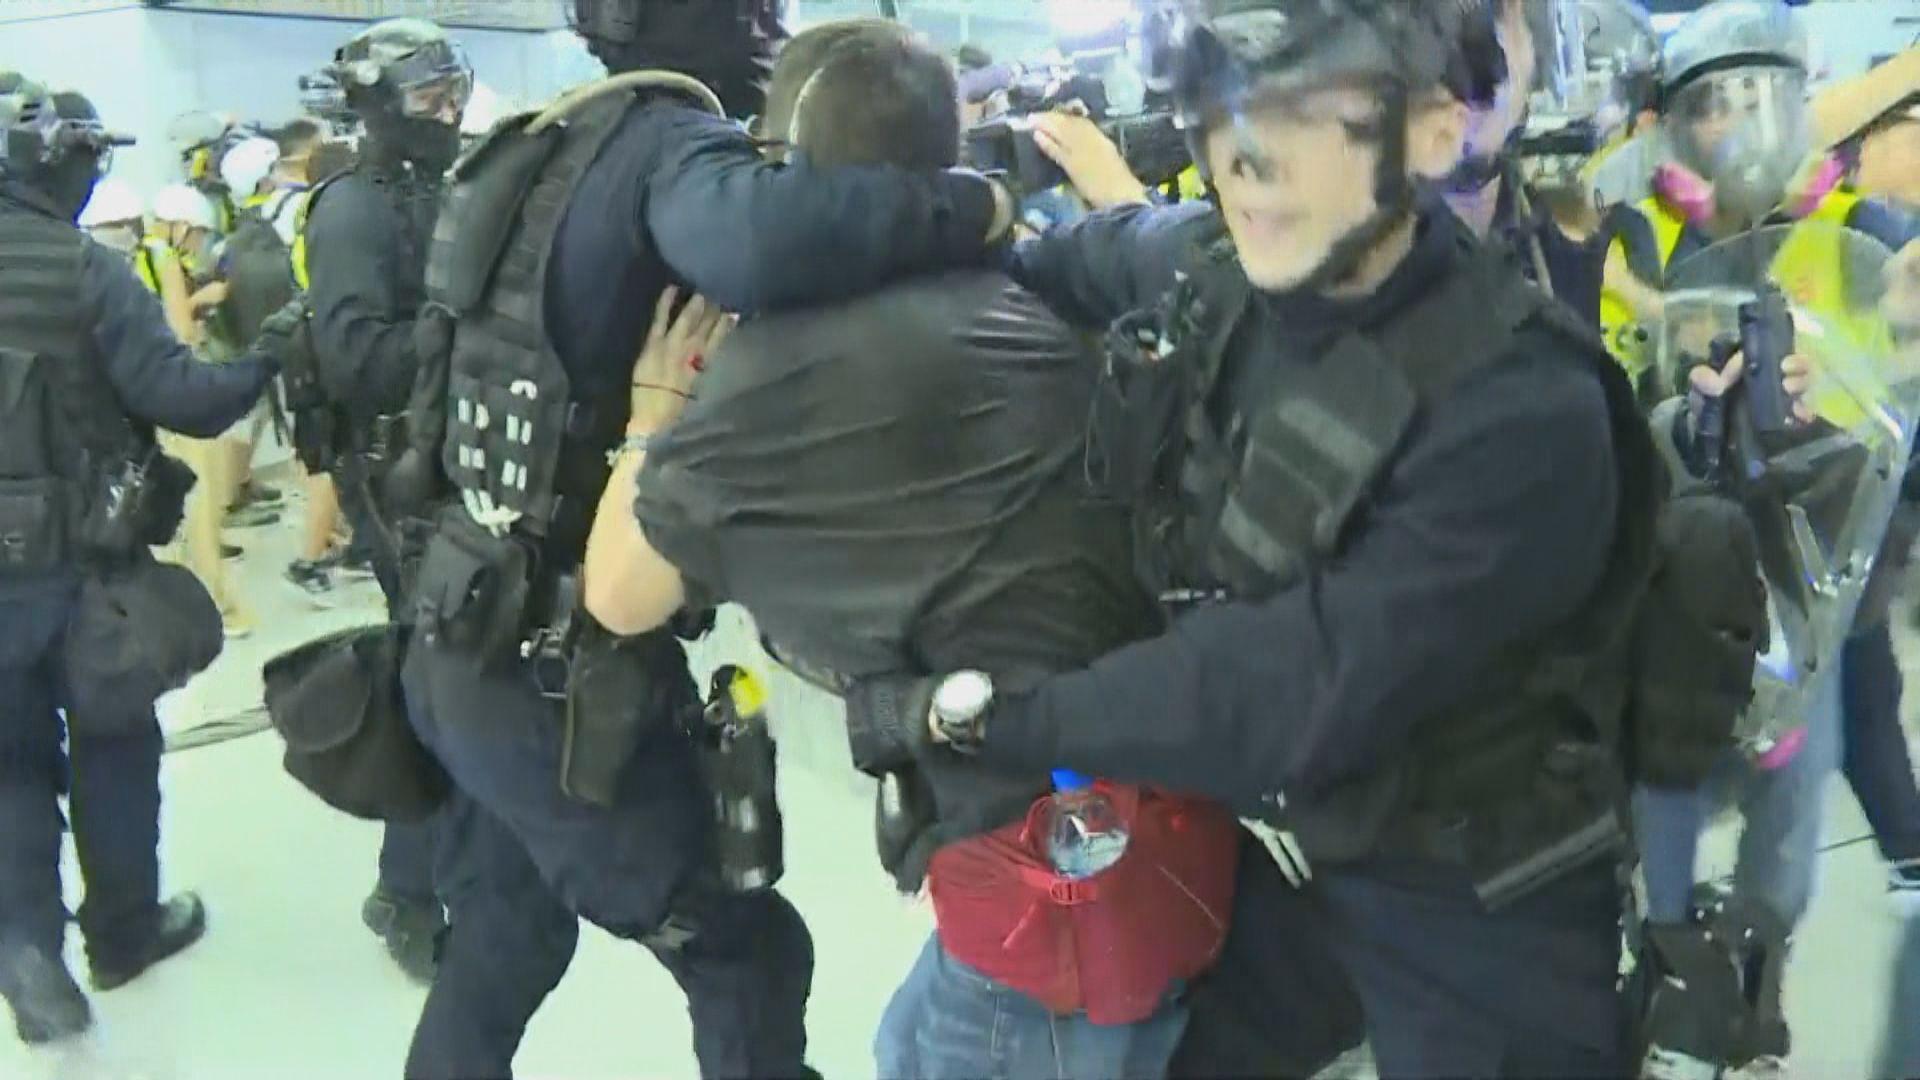 警方衝入元朗站拘捕示威者 有人受傷